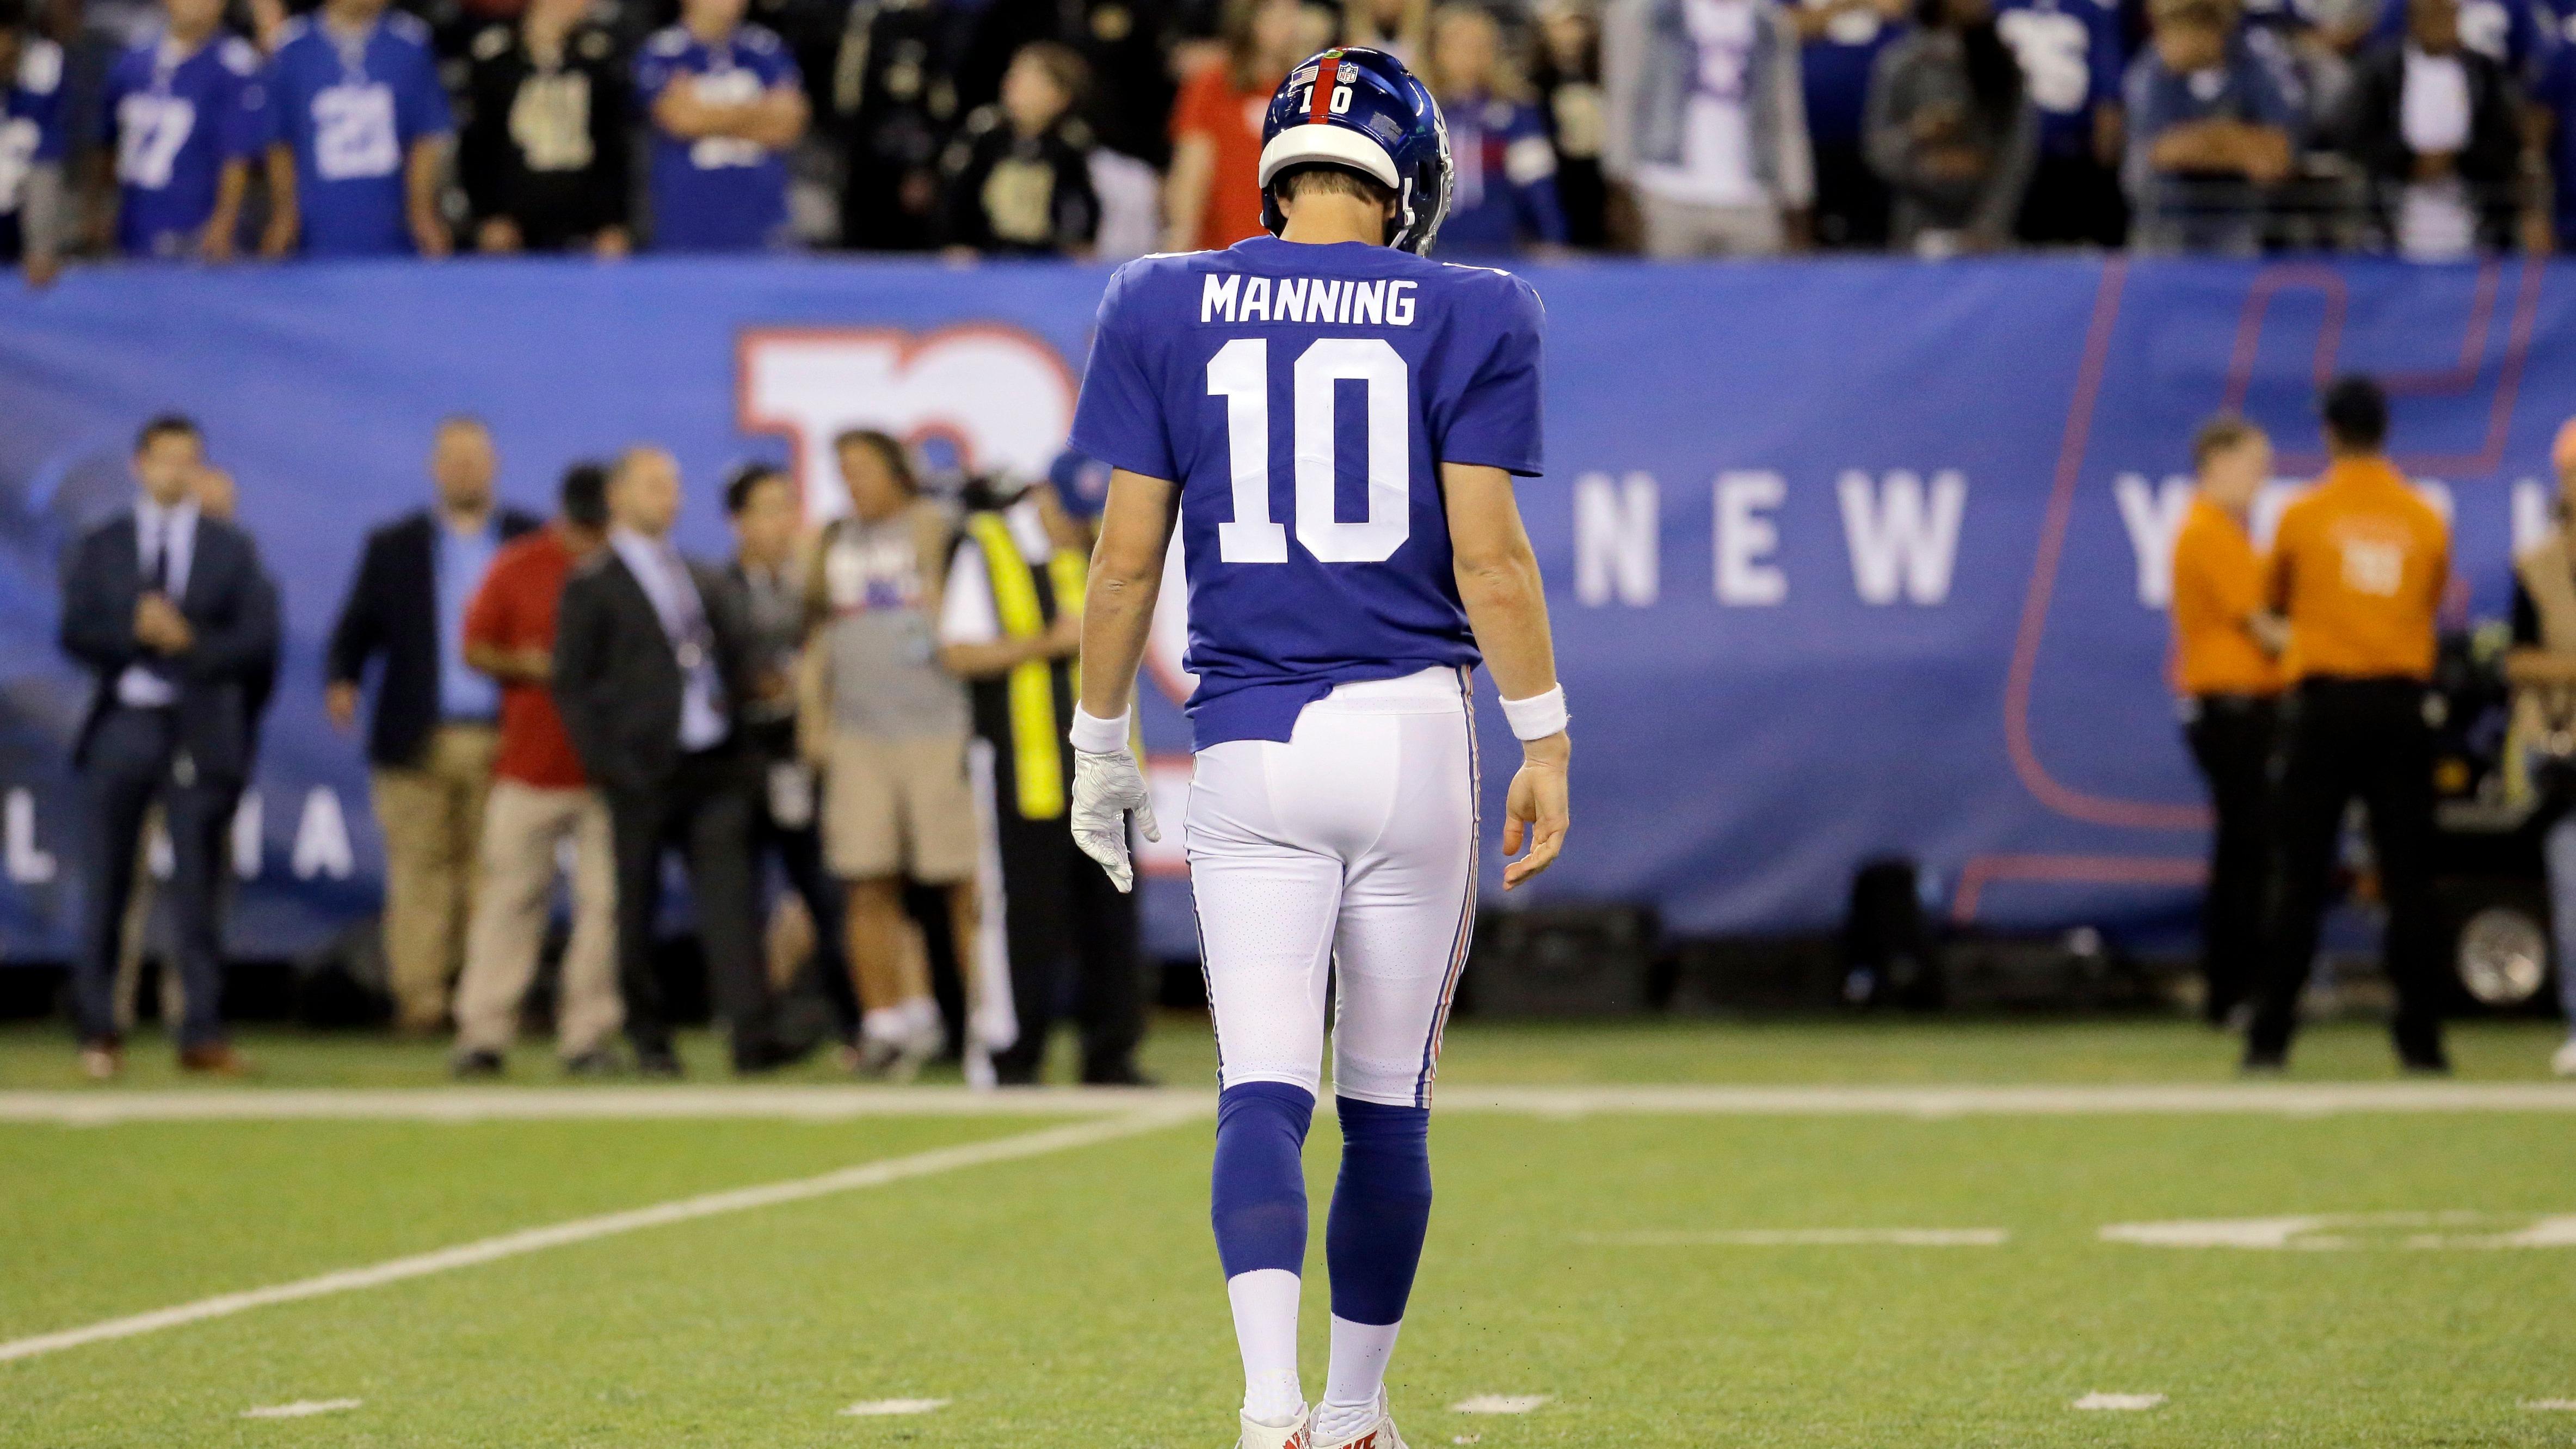 NFL survivor picks Week 5: Panthers in favorable spot